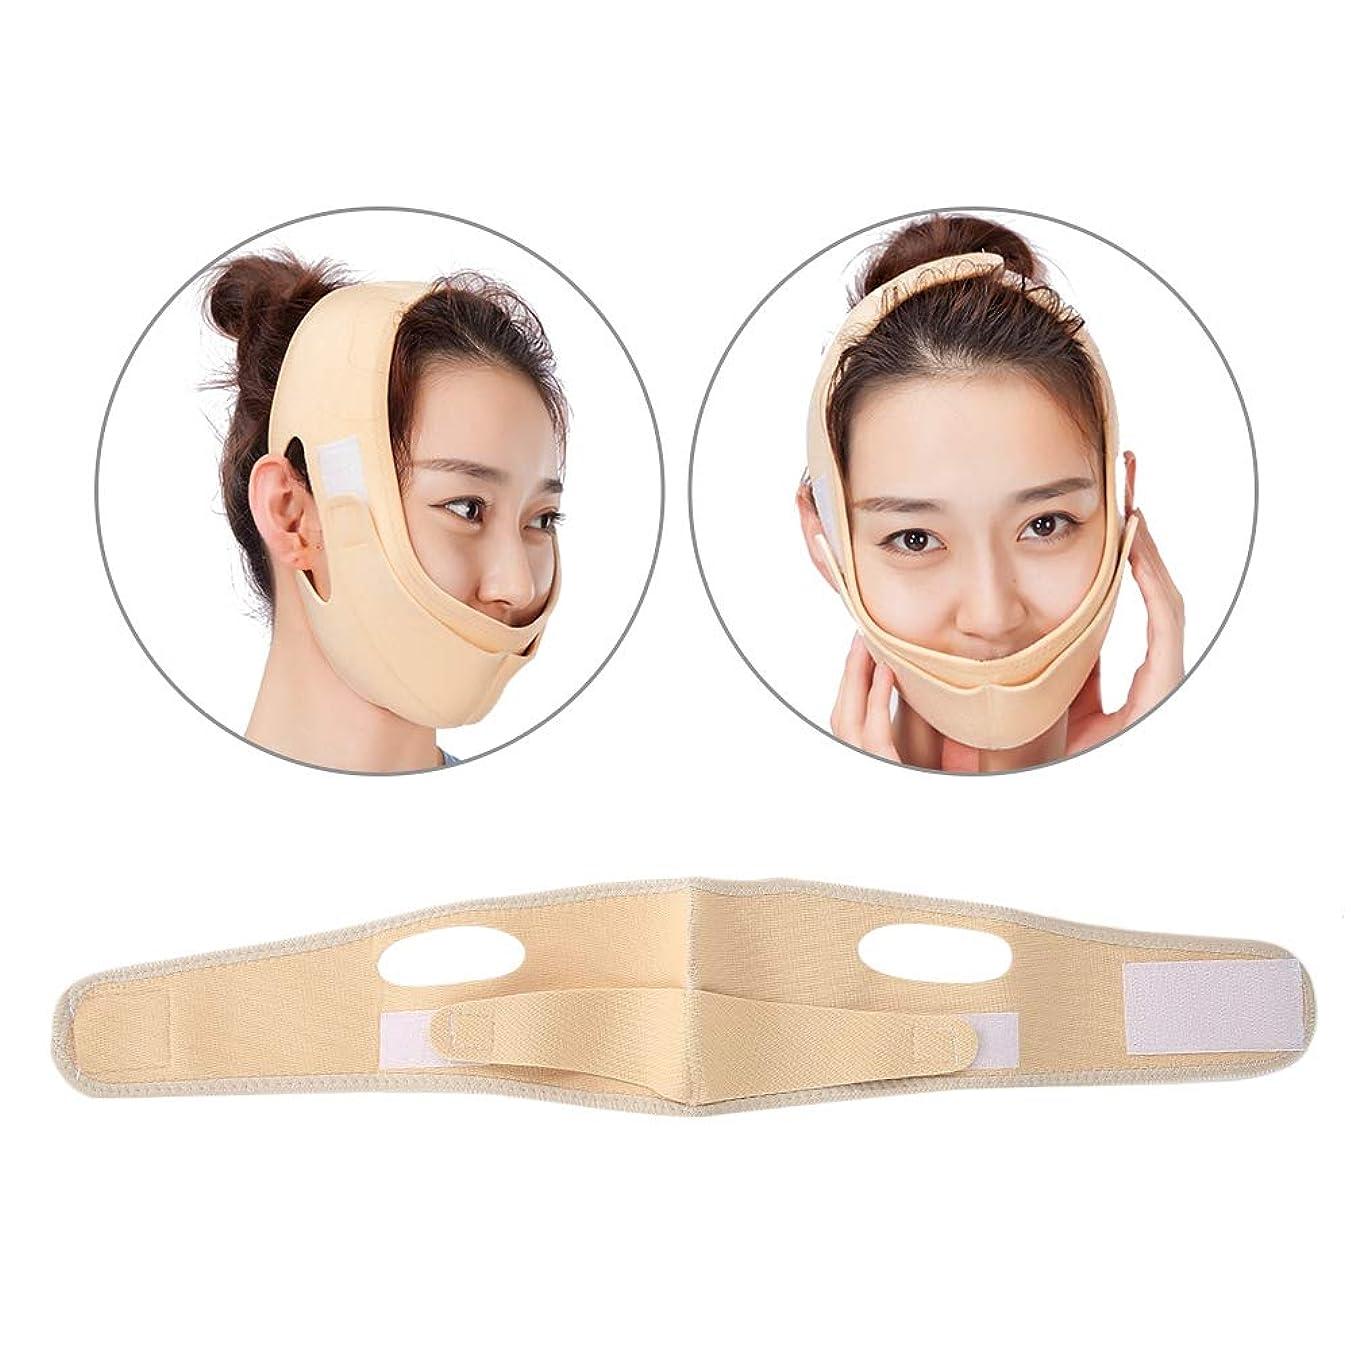 応援するアカデミー報酬のフェイスリフト用 フェイスマスク 顔輪郭を改善する 美容包帯 通気性/伸縮性/変形不可(01)